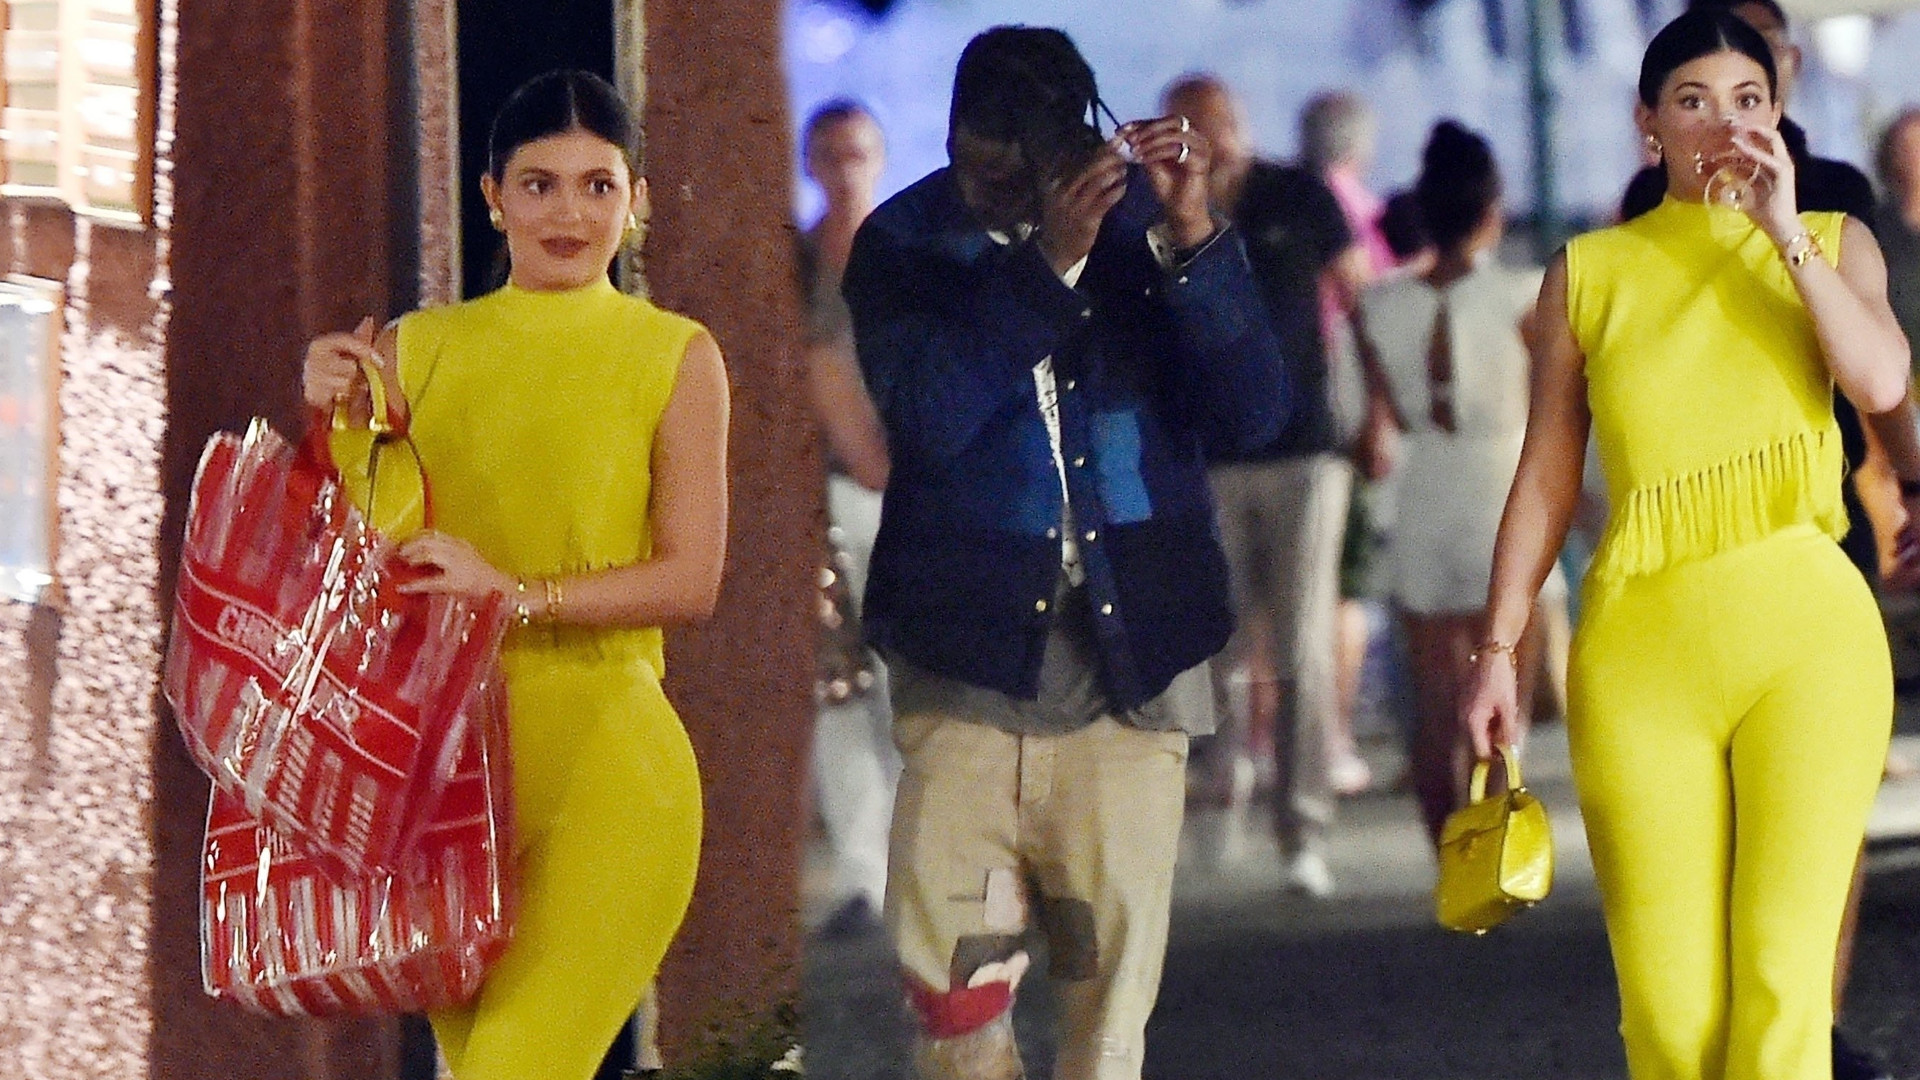 Zakochana Kylie Jenner jak żółty ptak przemierza ulice Positano z Travisem Scottem